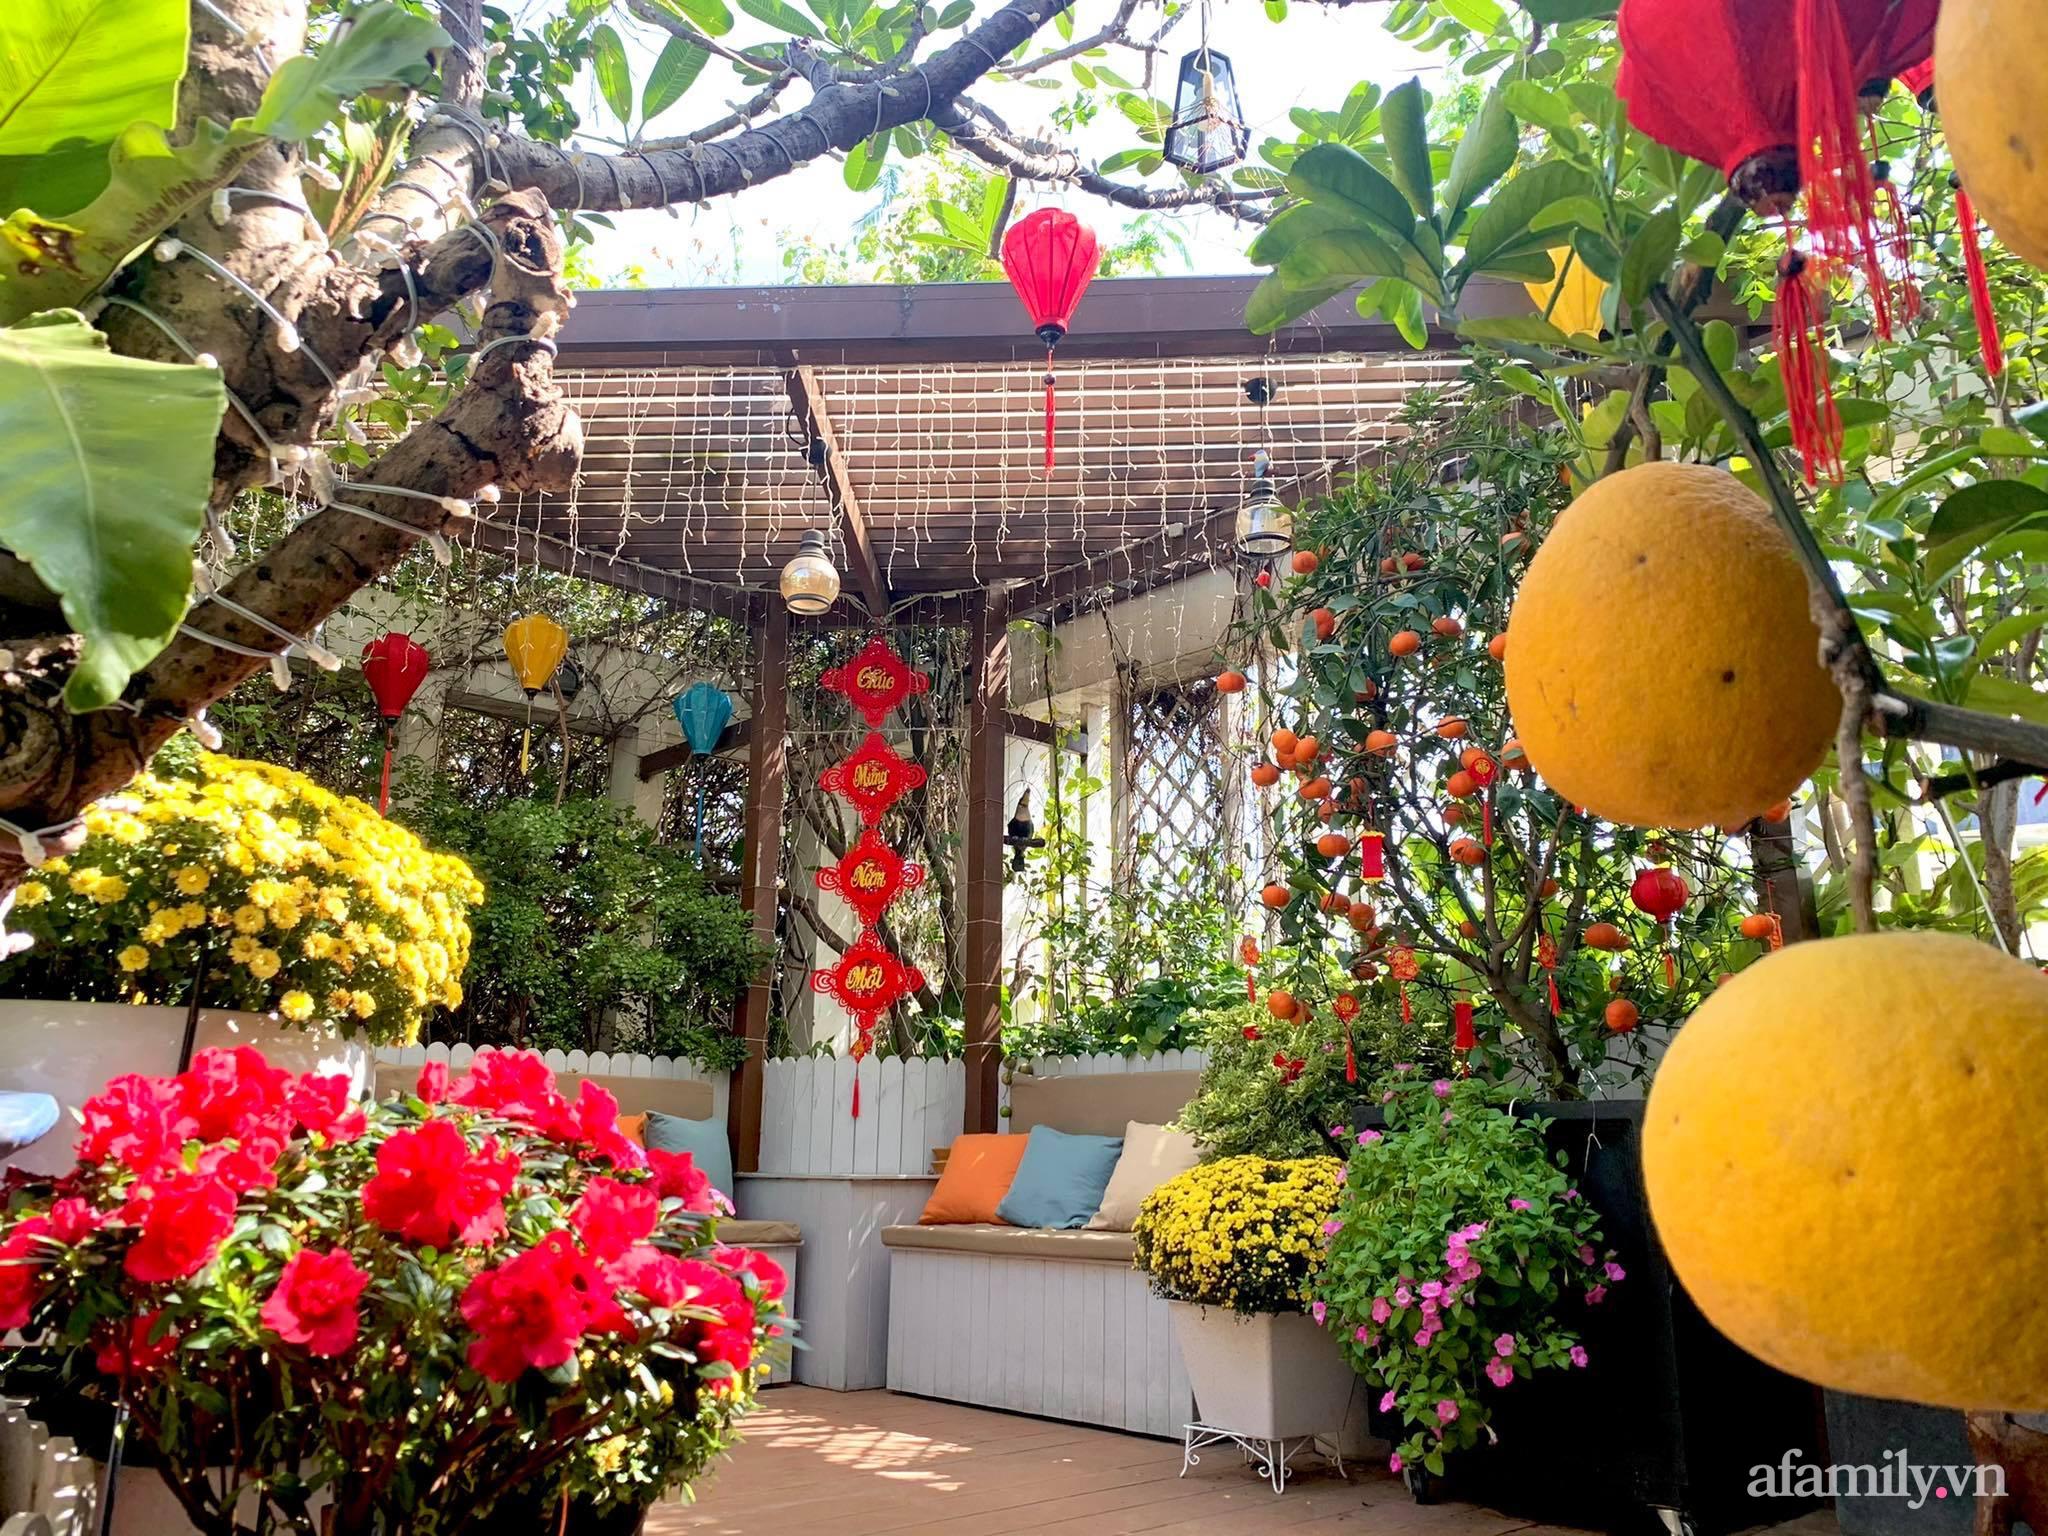 Mùng 1 đầu năm cùng ghé thăm sân thượng mang sắc màu Tết truyền thống của mẹ đảm ở Sài Gòn-2